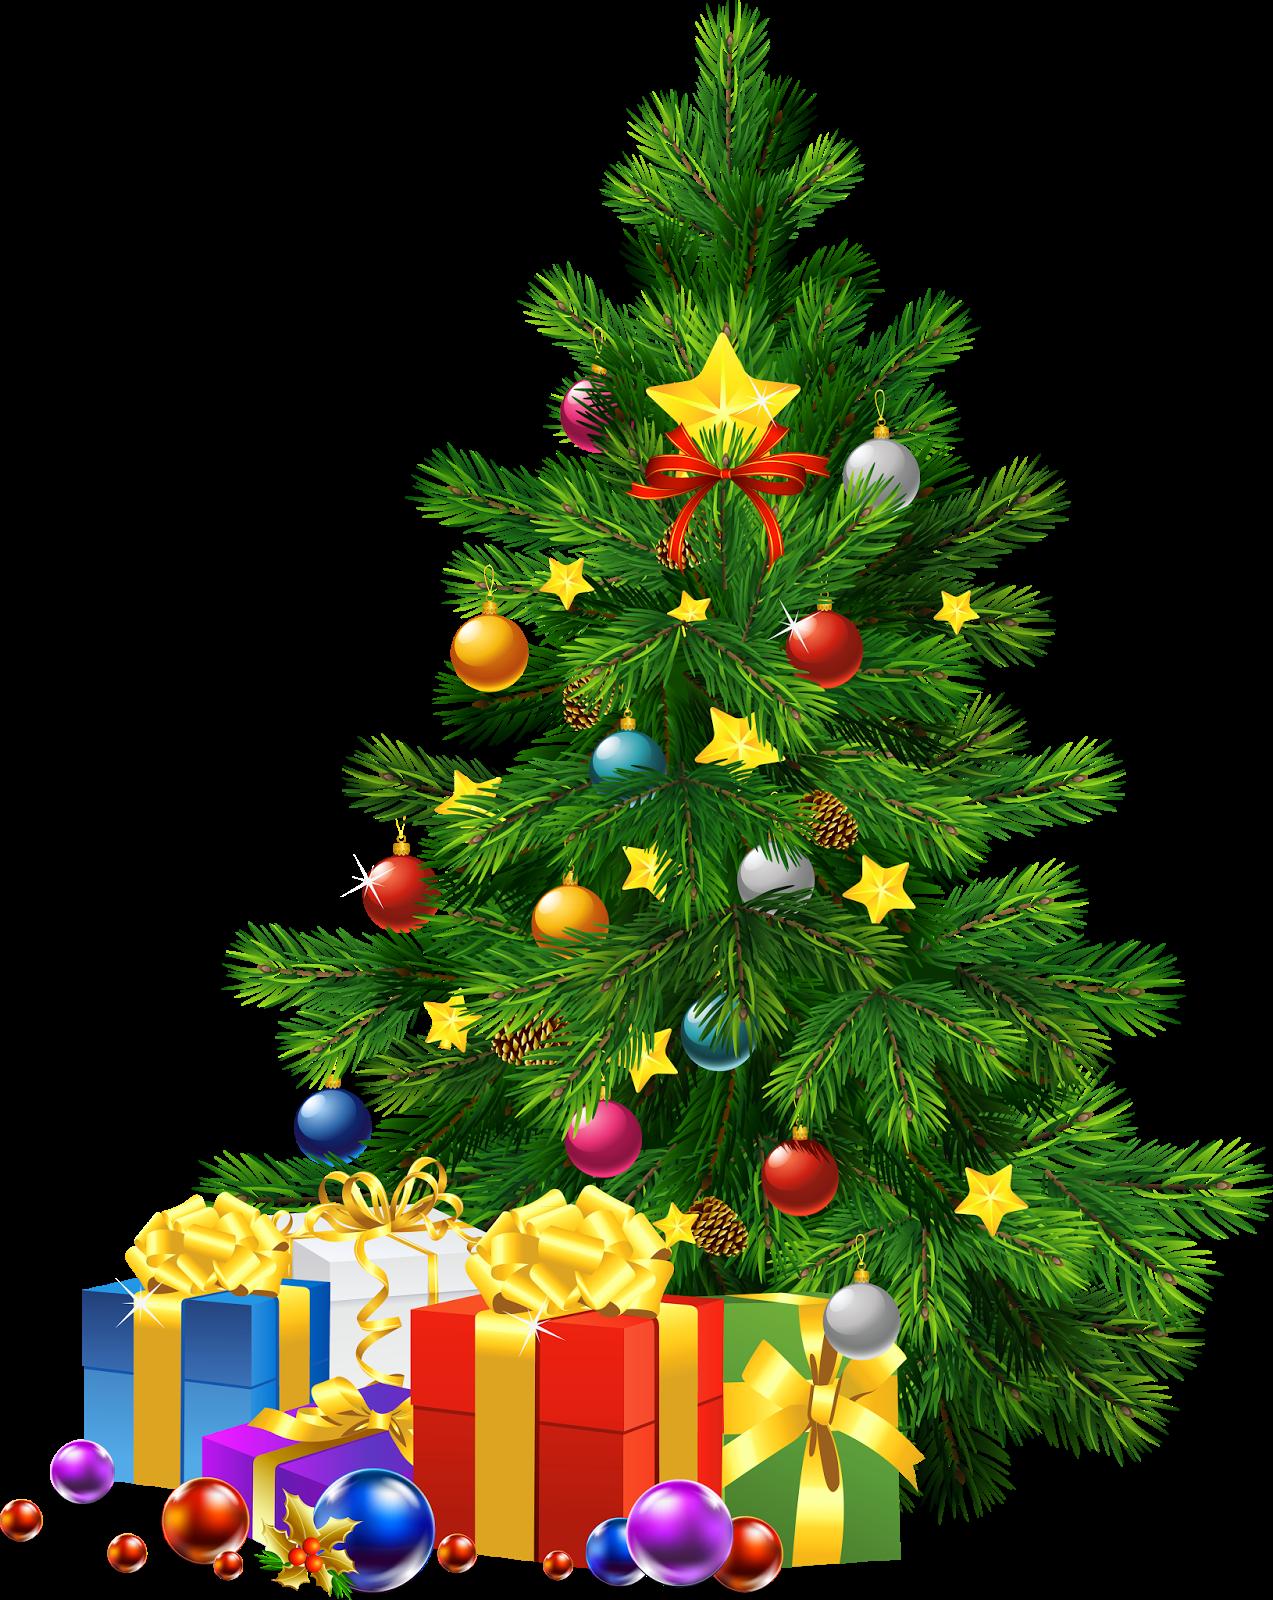 A lenda do Pinheiro de Natal e A lenda da vela de Natal para contar para as crianças